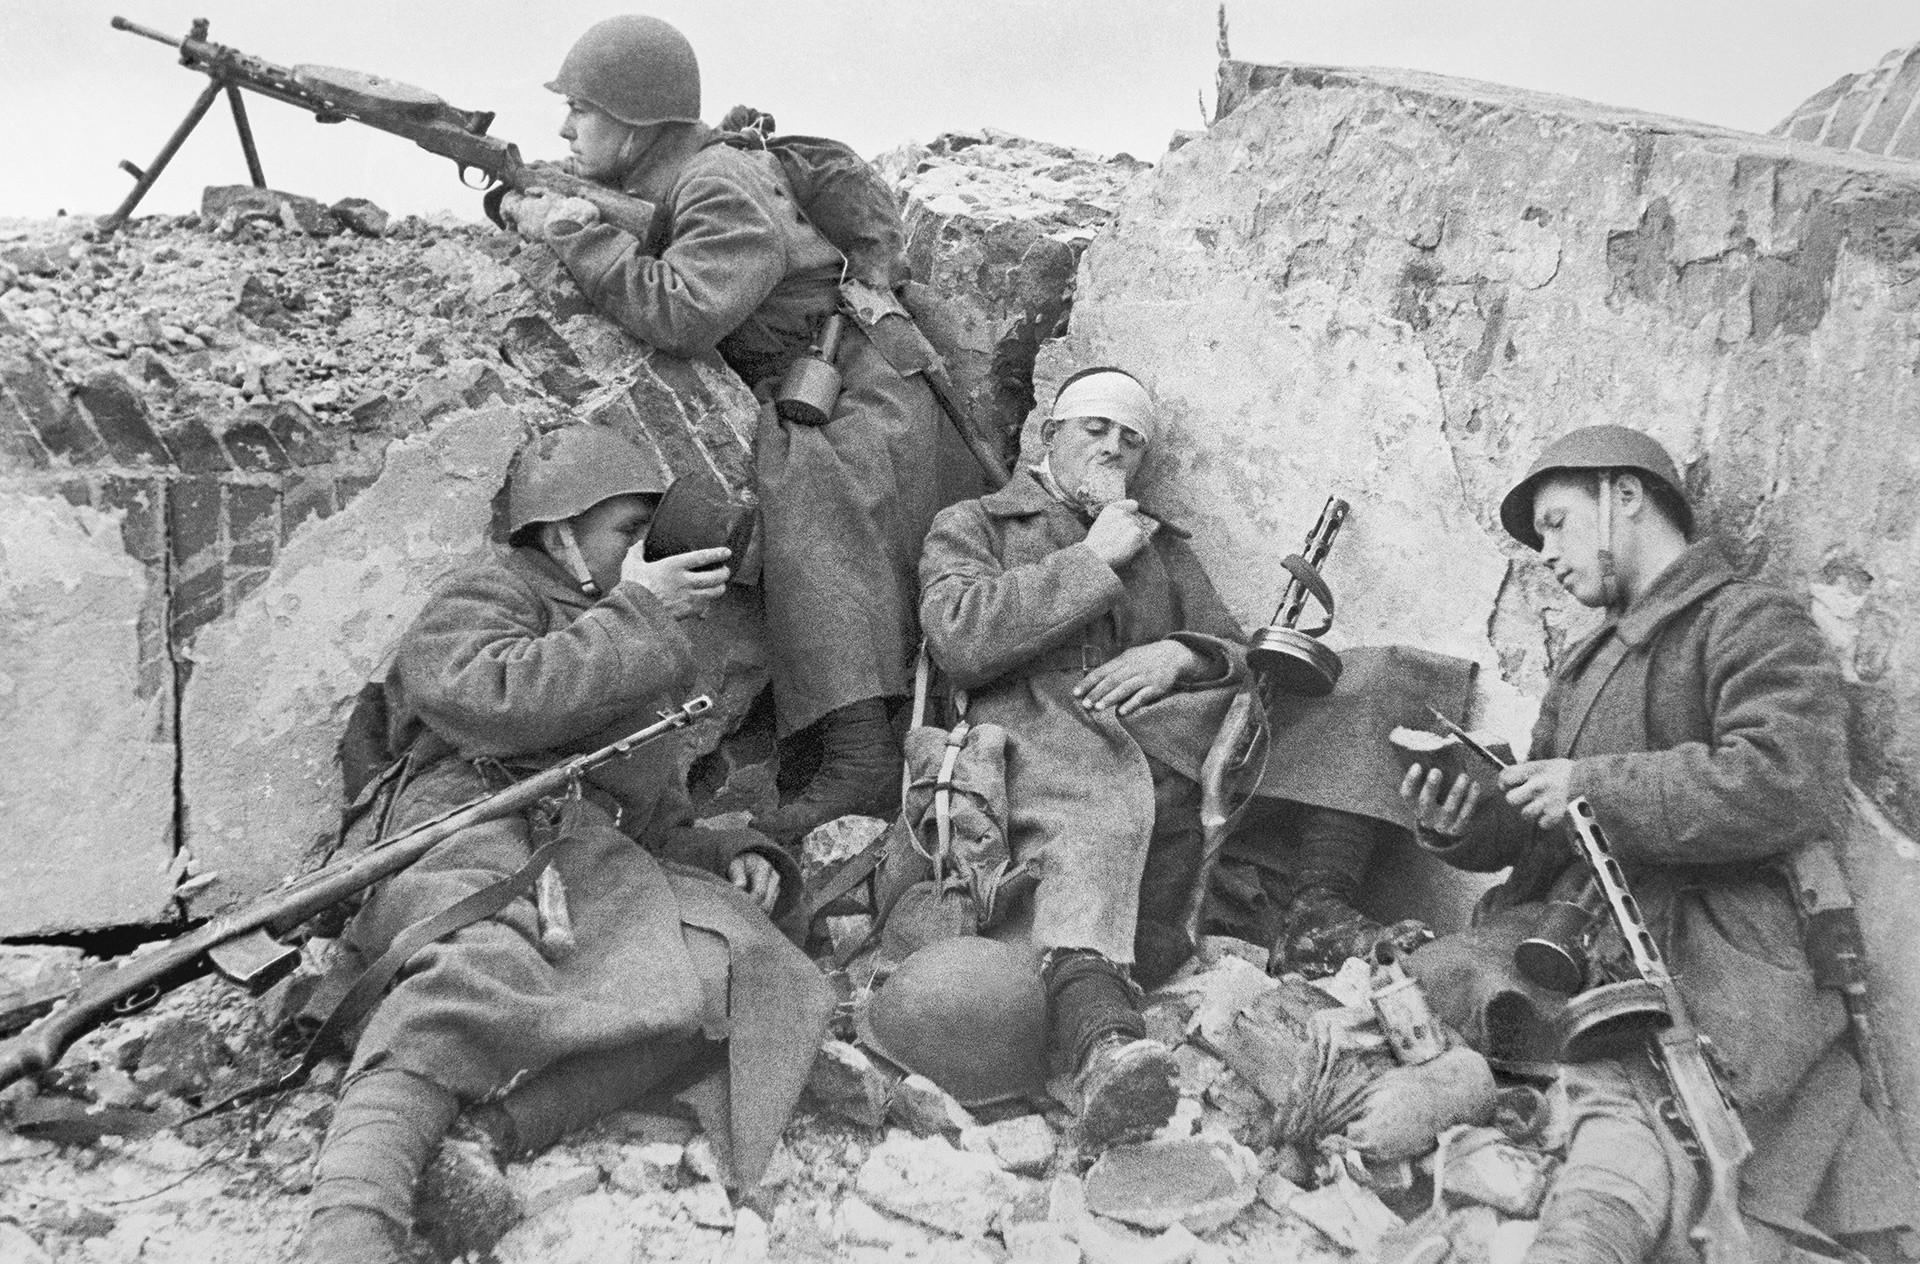 Войници от Червената армия почиват в окопите в редките минути на затишие. Западен фронт